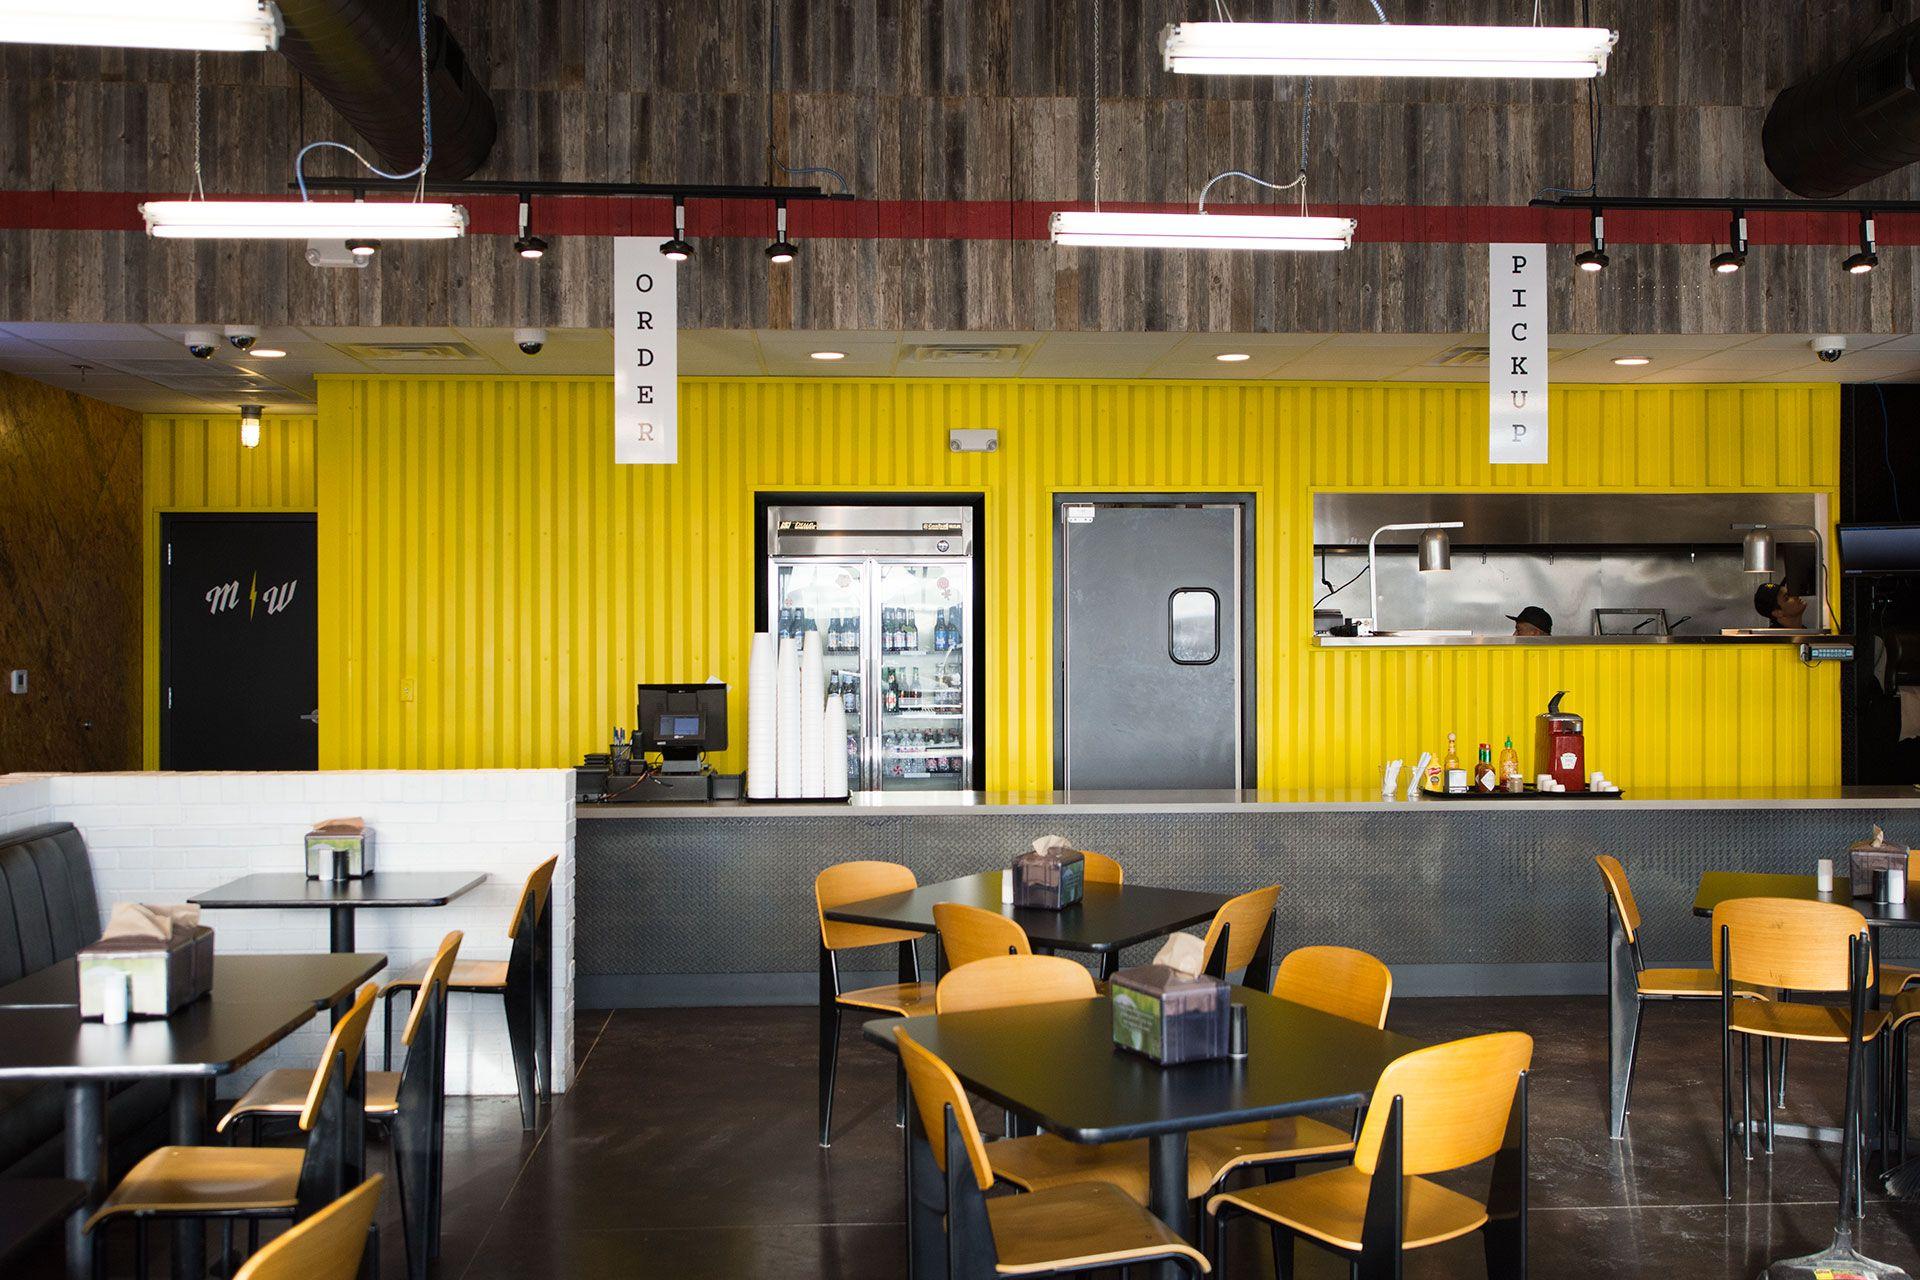 kitchens rustic restaurant designrestaurant interiorsburger